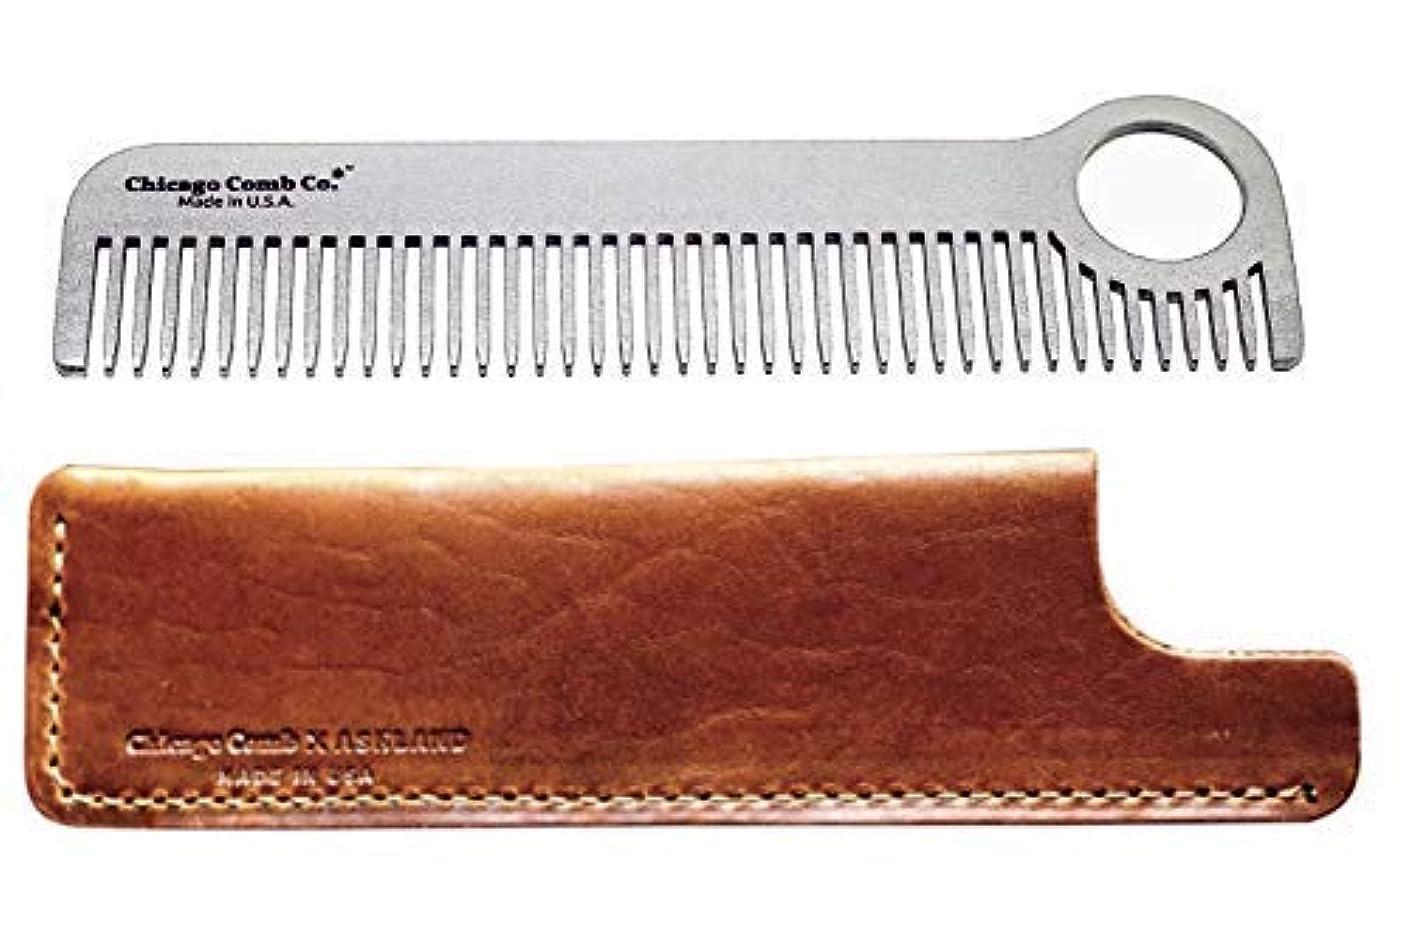 キネマティクストライアスリートレオナルドダChicago Comb Model 1 Stainless Steel + Horween Tan Leather Sheath, Made in USA, Ultra-Smooth, Durable, Anti-Static...